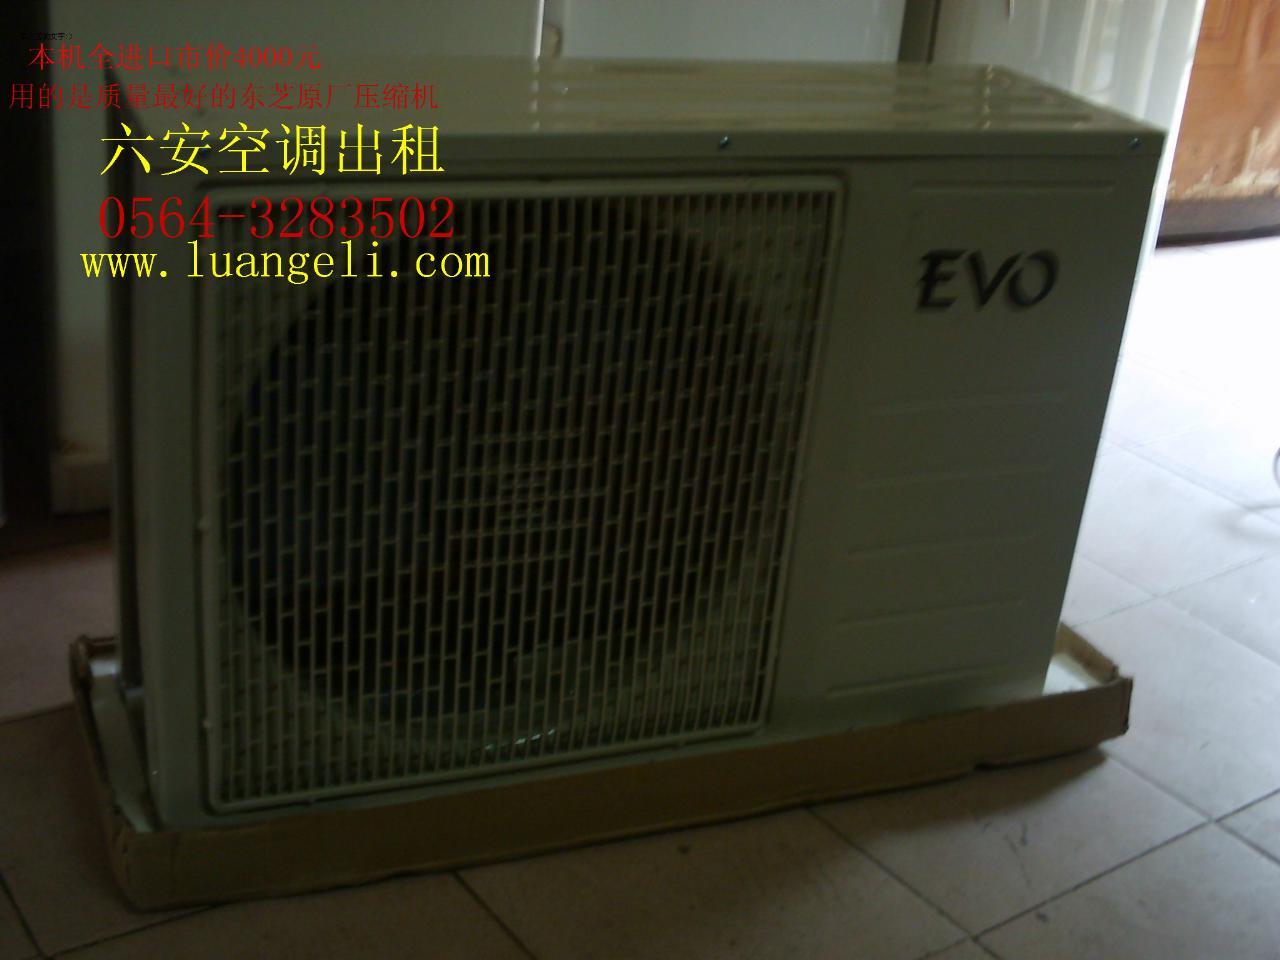 5匹空调,冷暖两用,进口原装东芝压缩机,质量超好,本机是全进口,市价